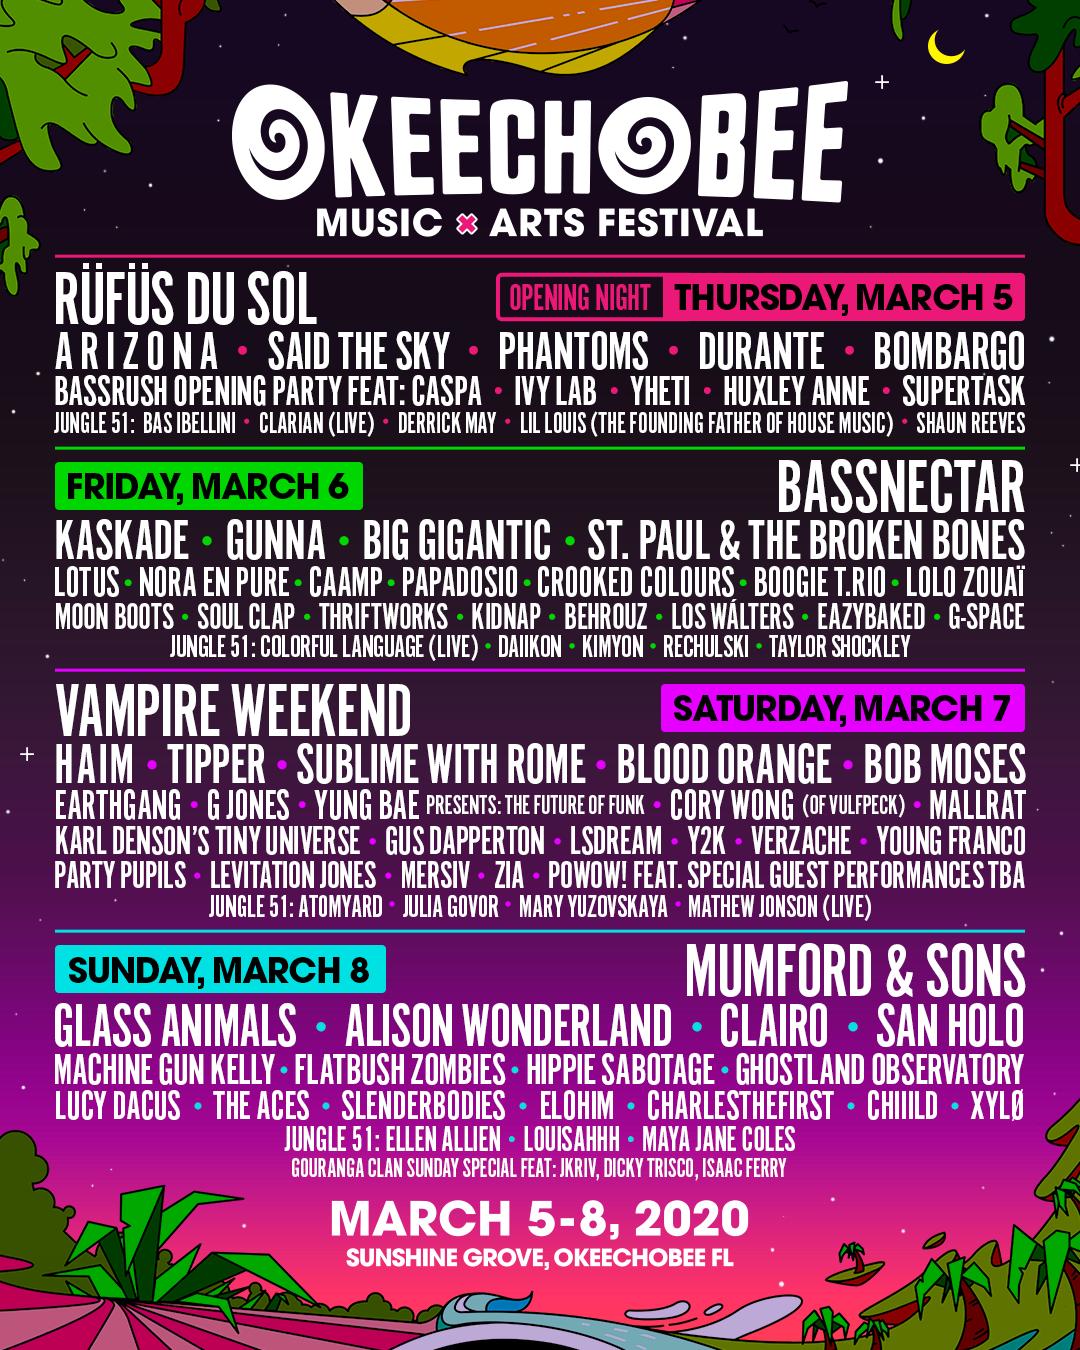 okeechobee_2020_lu_lineup_social_asset_1080x1350_r18.png